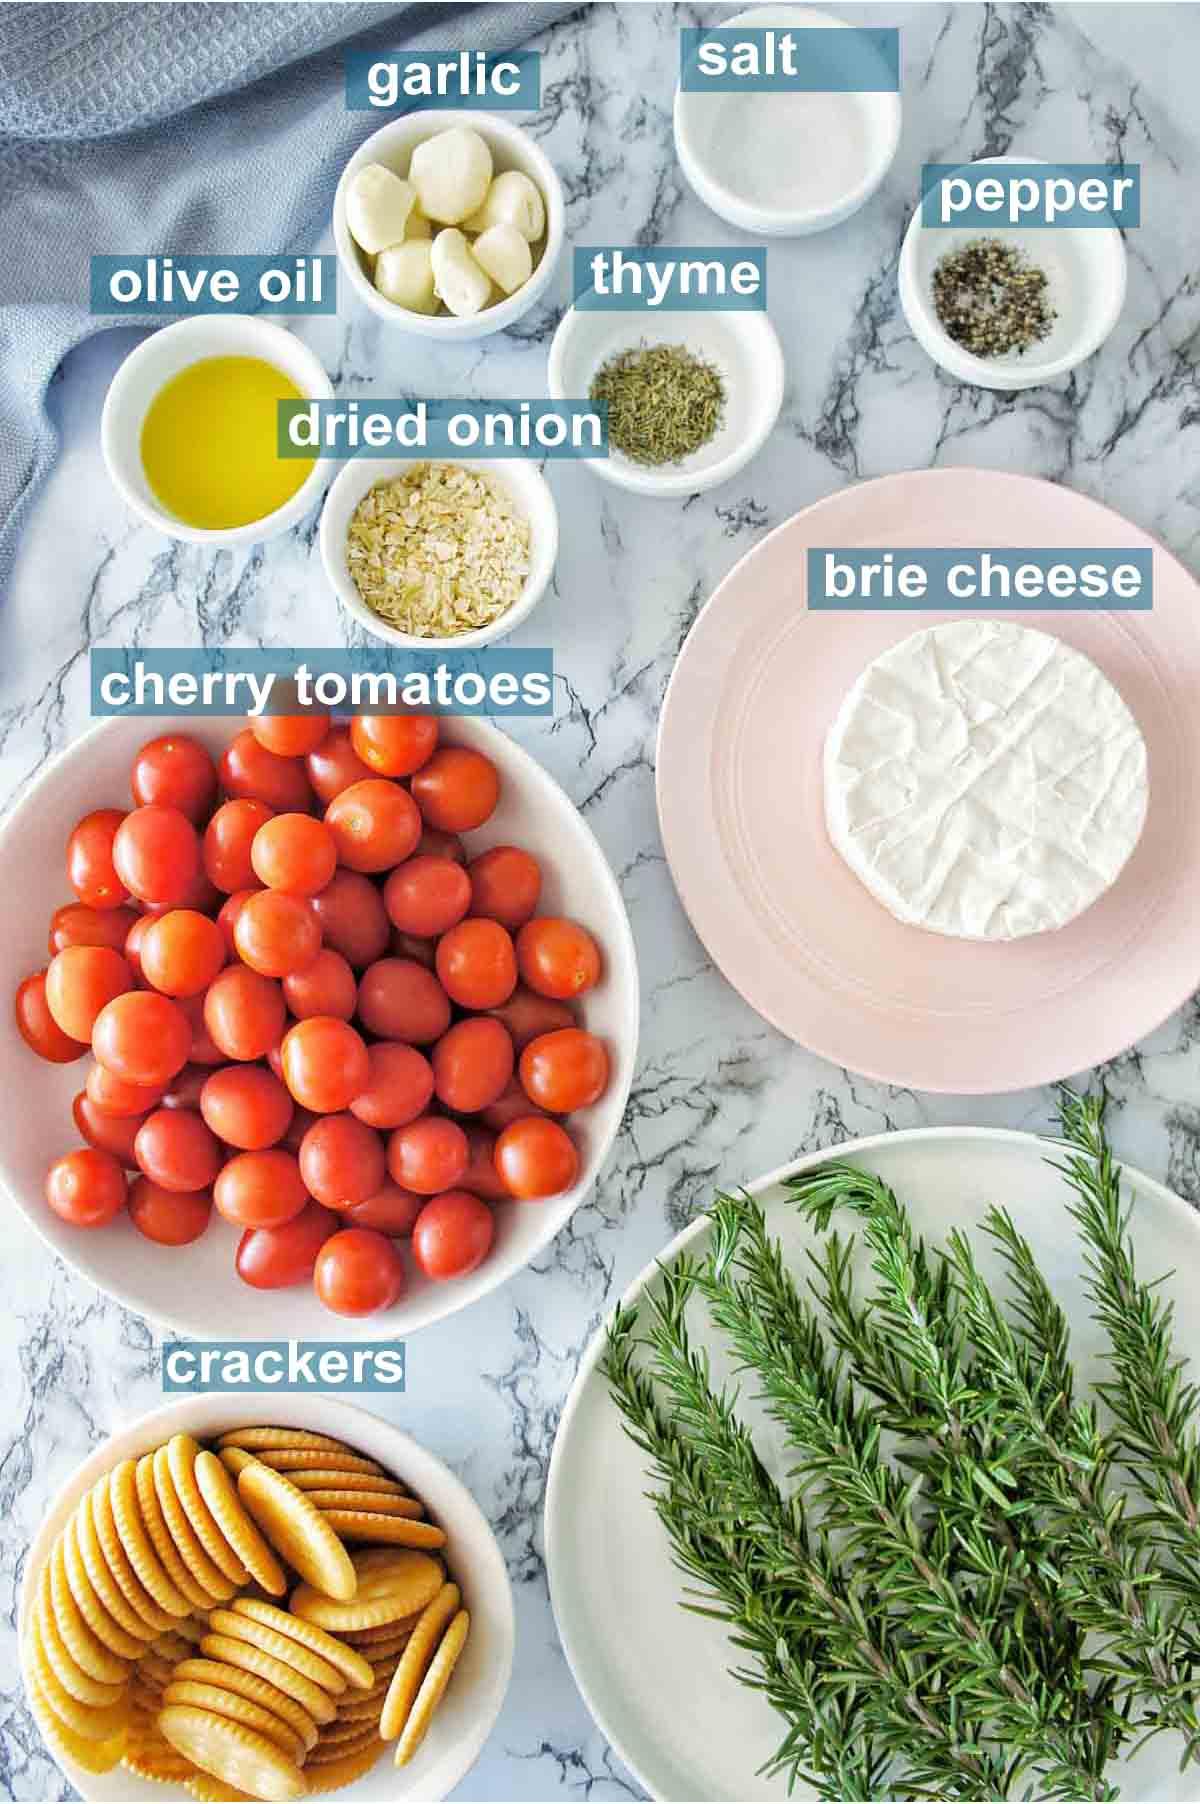 Garlic baked brie ingredients